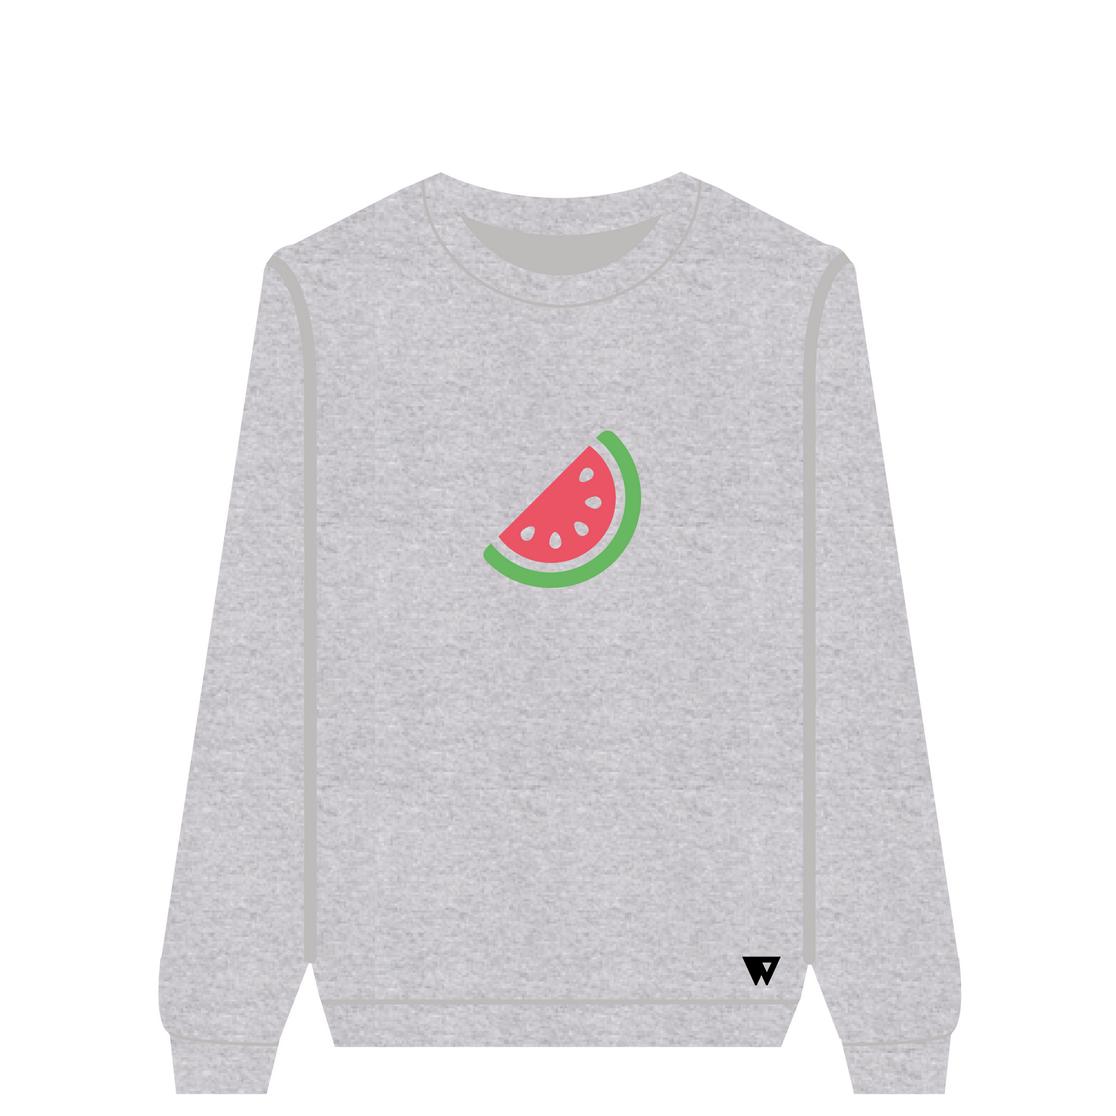 Sweatshirt Watermelon | Wuzzee